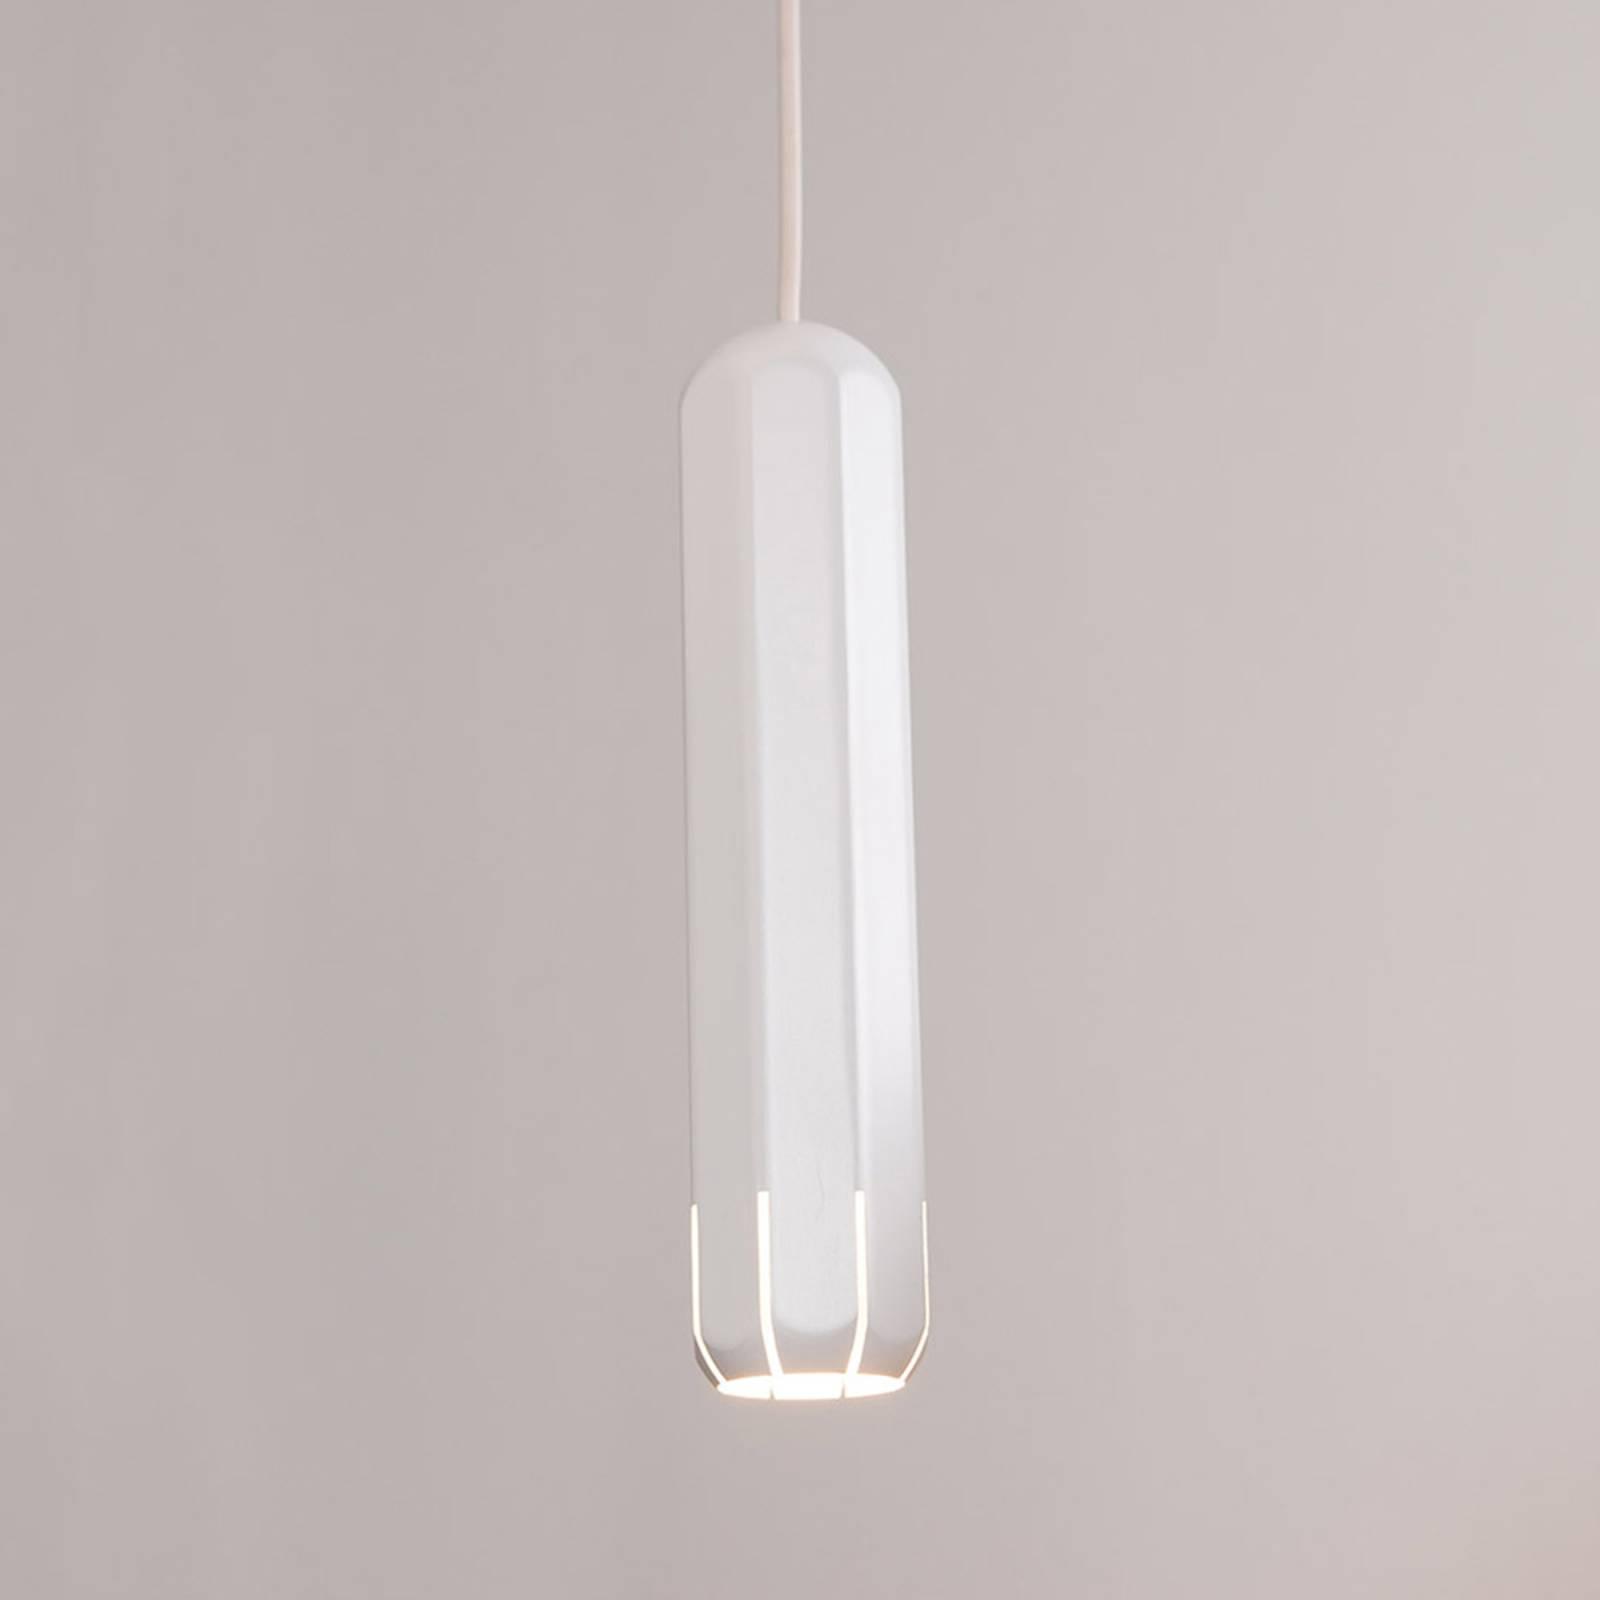 Innermost Brixton Spot 20 LED-Pendellampe, weiß günstig online kaufen